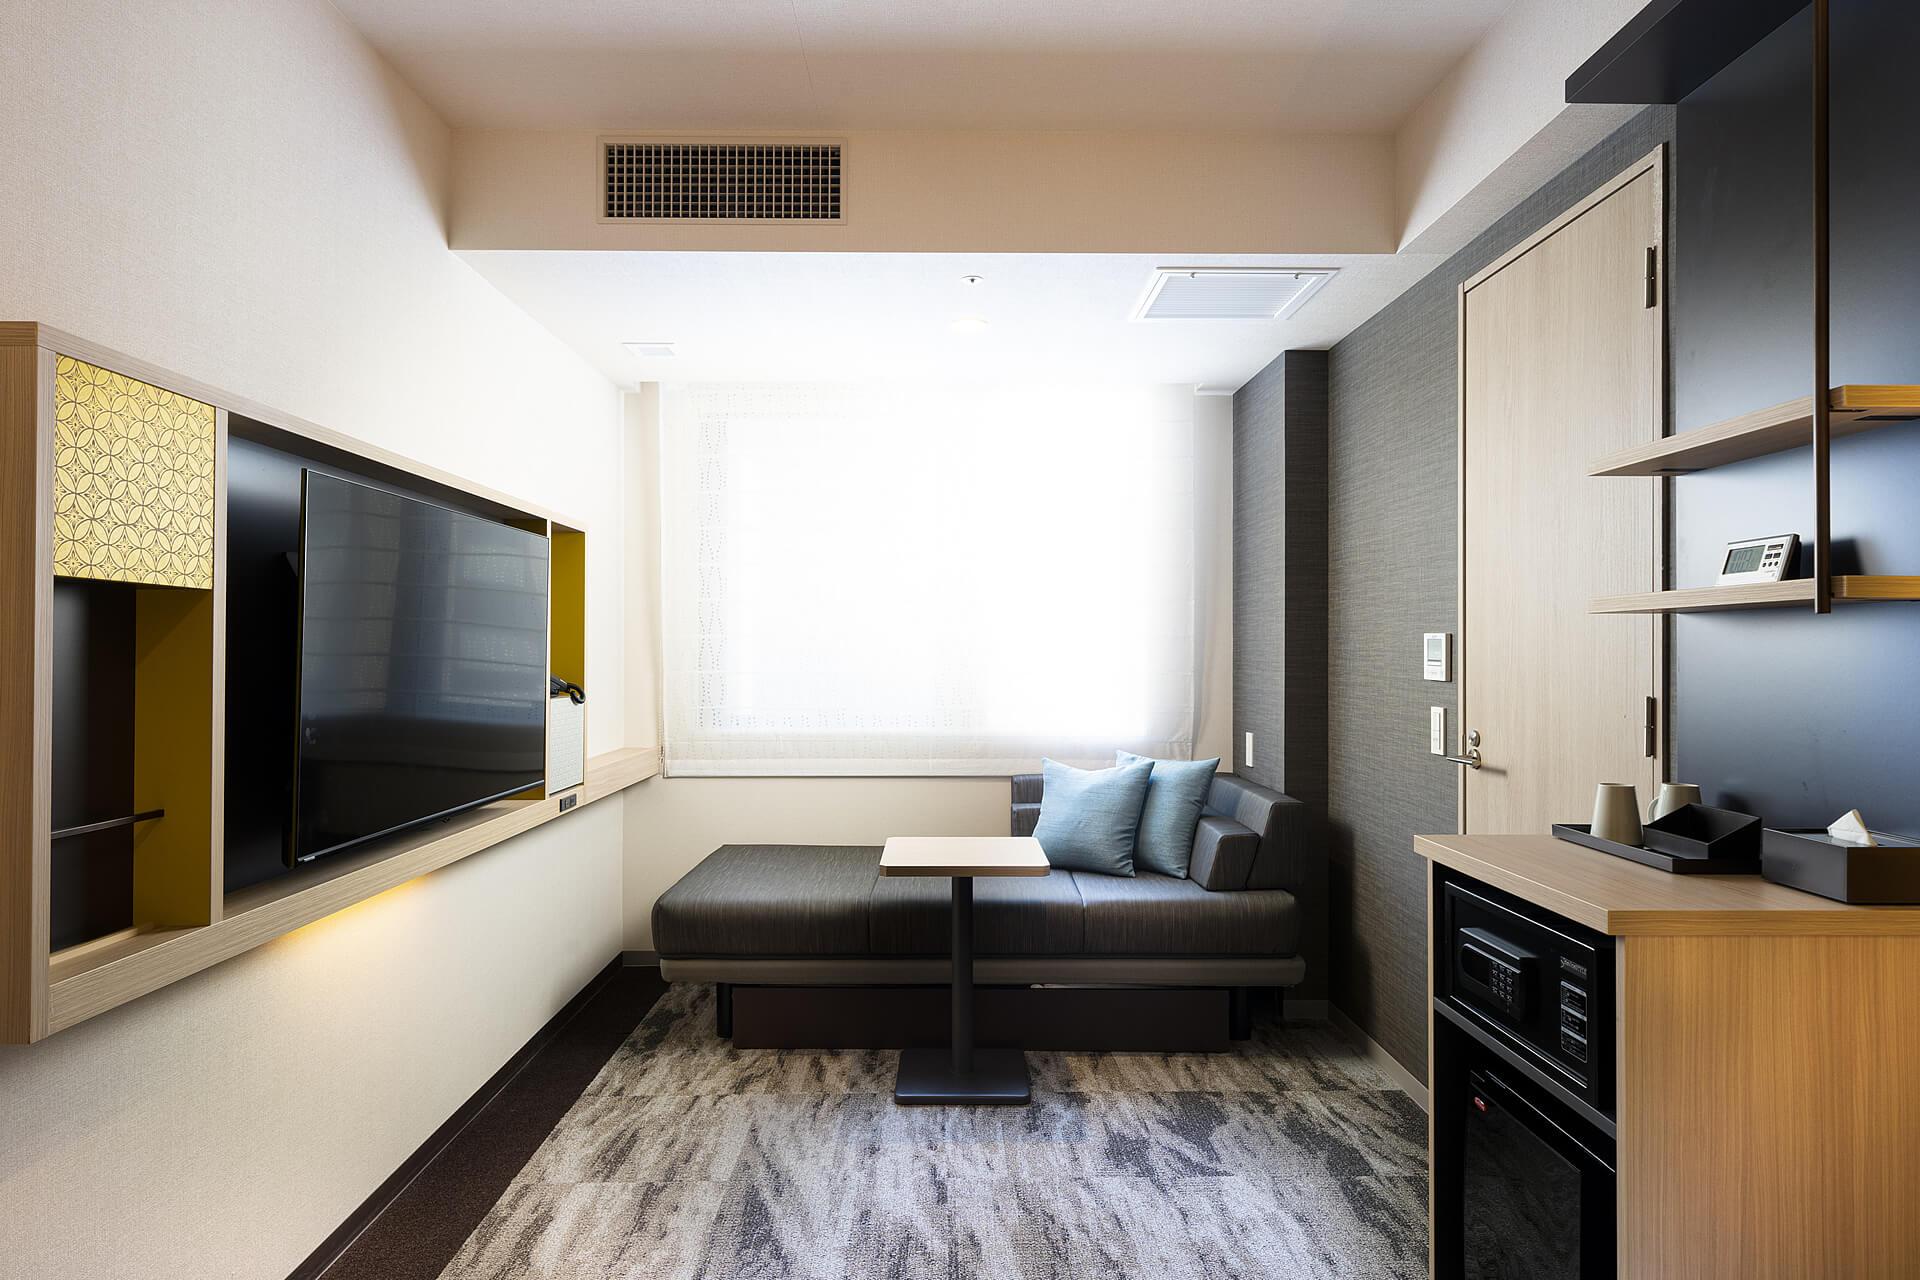 デラックスツイン|客室のご案内|KOKO HOTEL 築地銀座